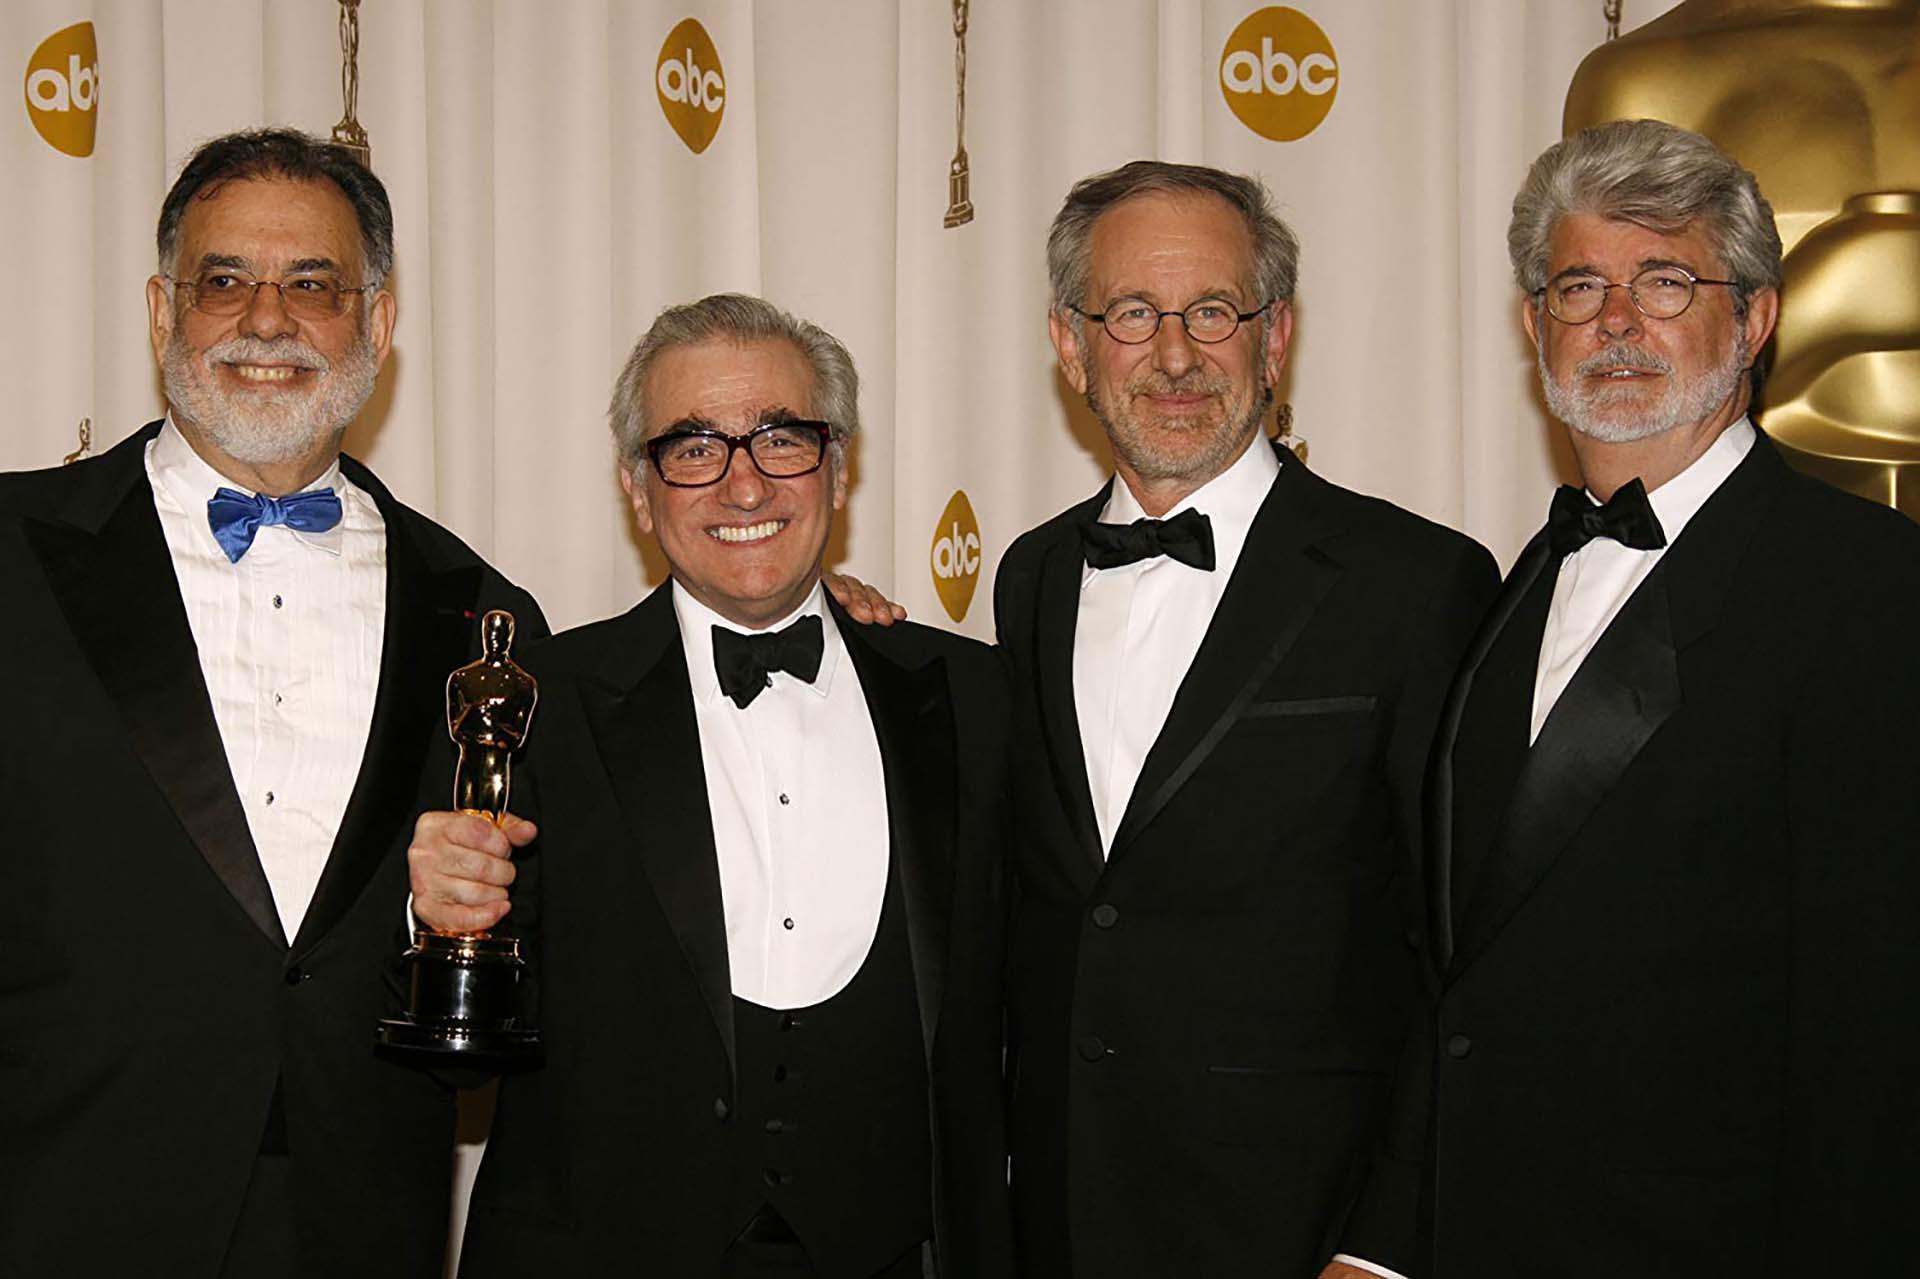 George Lucas, Martin Scorsese, Steven Spielberg,y Francis Ford Coppola en los Oscar (2007)